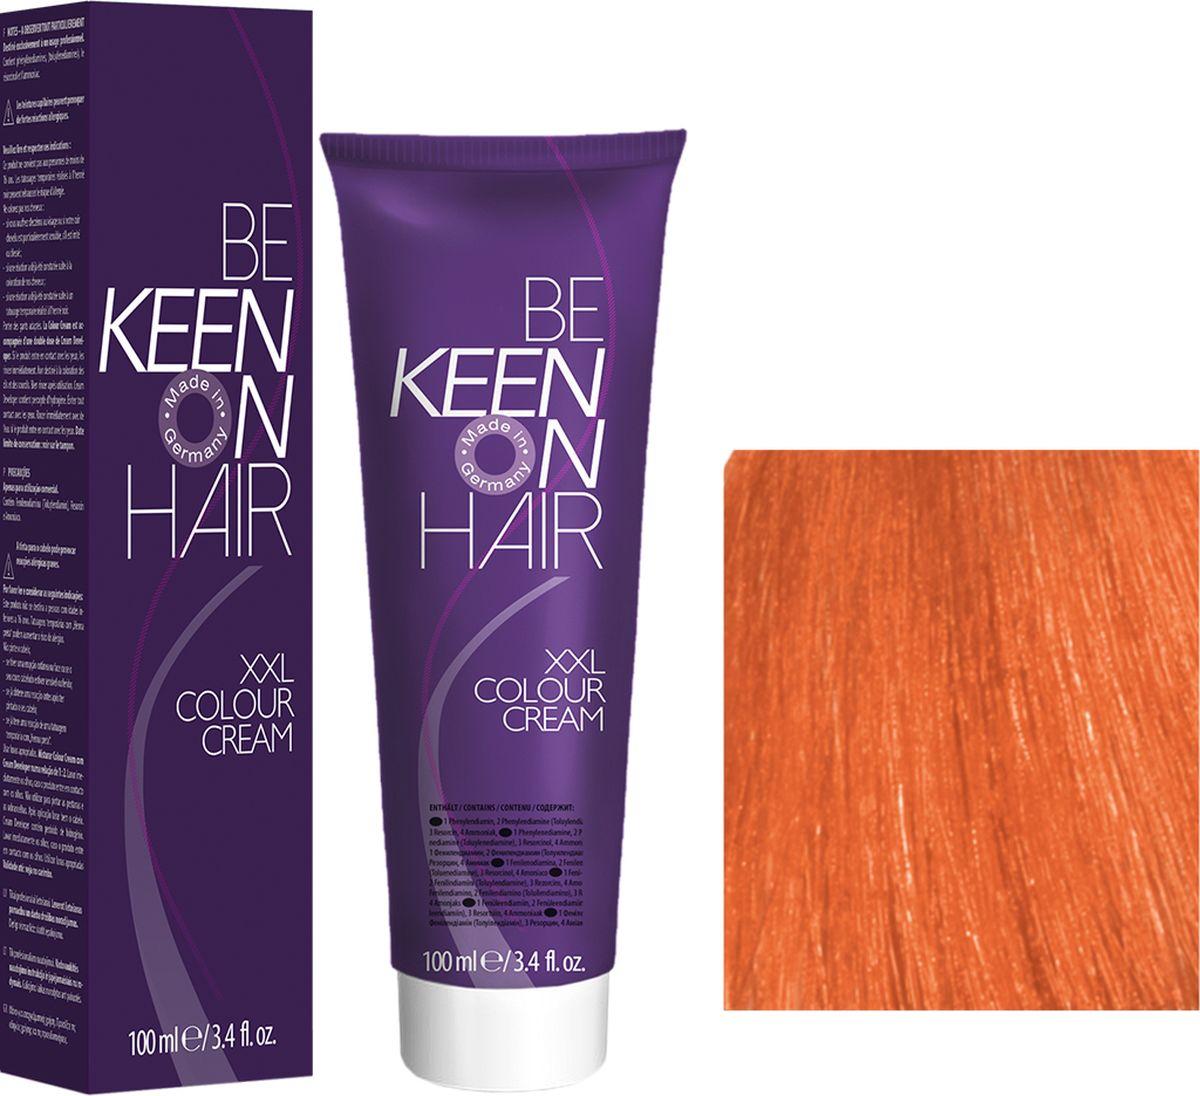 Keen Краска для волос 8.44 Медно-золотистый блондин Blond Kupfer-Intensiv, 100 мл69100076Модные оттенкиБолее 100 оттенков для креативной комбинации цветов.ЭкономичностьПри использовании тюбика 100 мл вы получаете оптимальное соотношение цены и качества!УходМолочный белок поддерживает структуру волоса во время окрашивания и придает волосам блеск и шелковистость. Протеины хорошо встраиваются в волосы и снабжают их влагой.